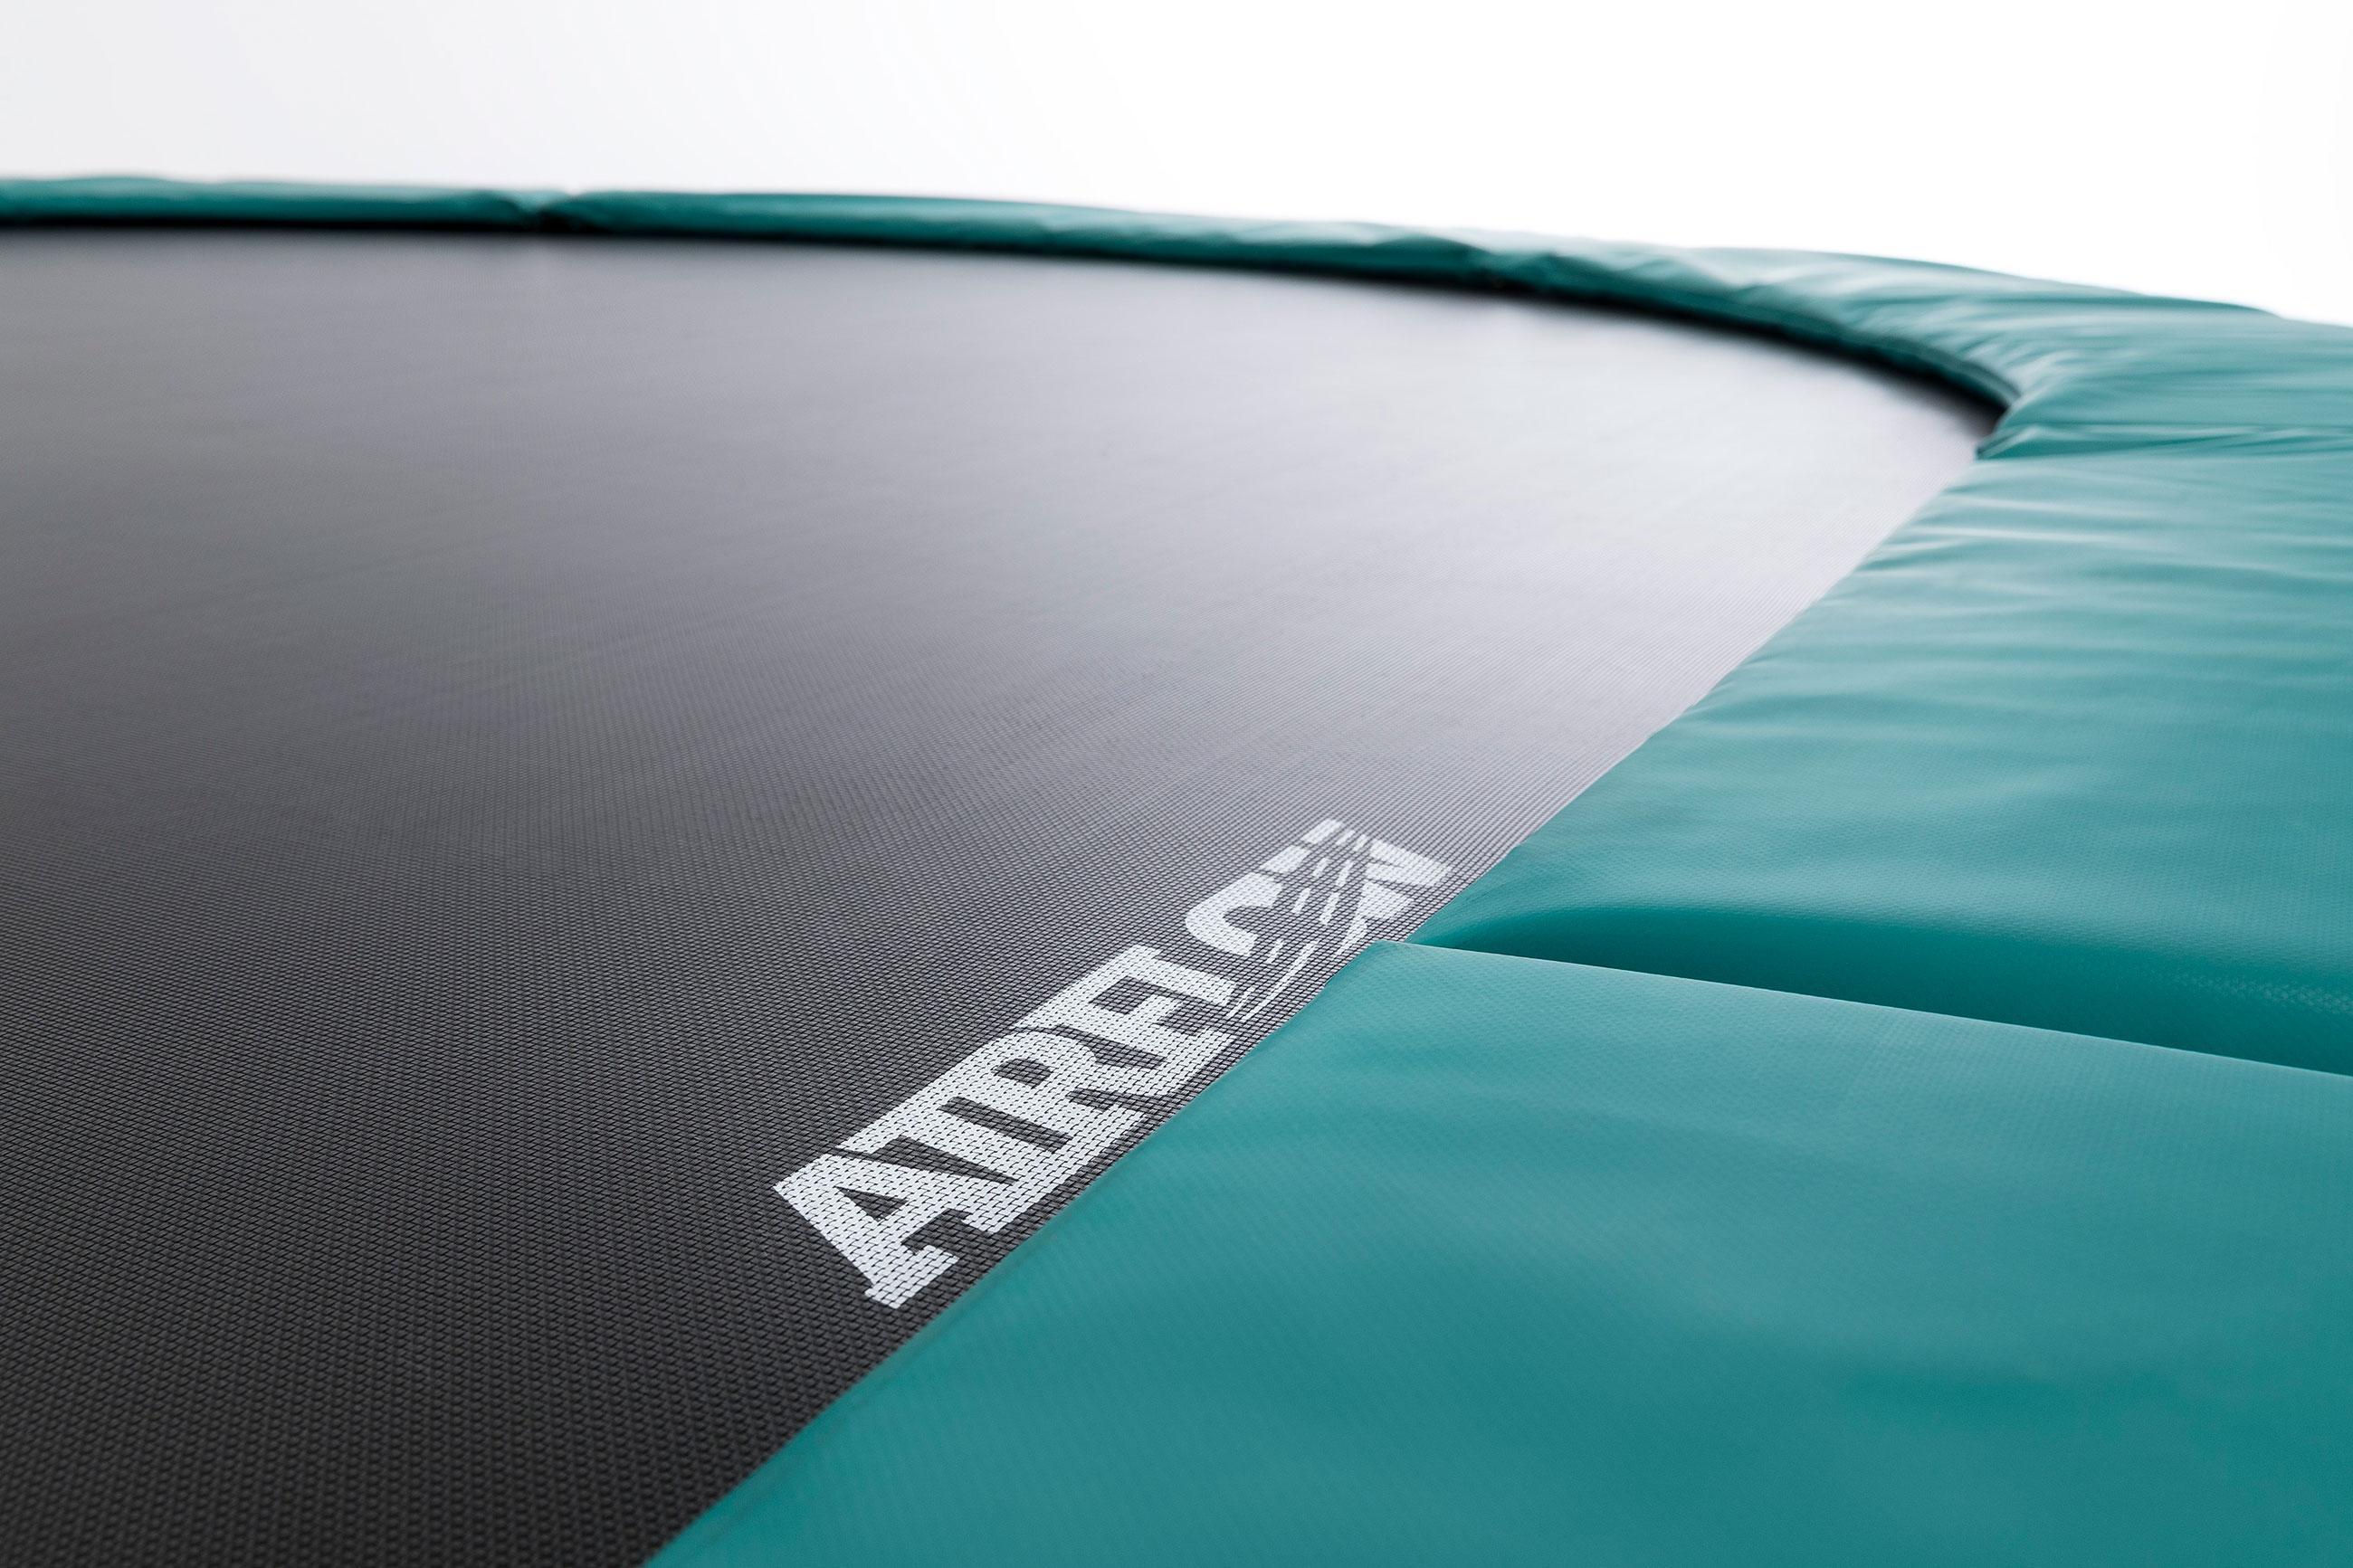 Trampolin Grand Champion grün Sicherheitsnetz Deluxe 350x250 BERG toys Bild 4